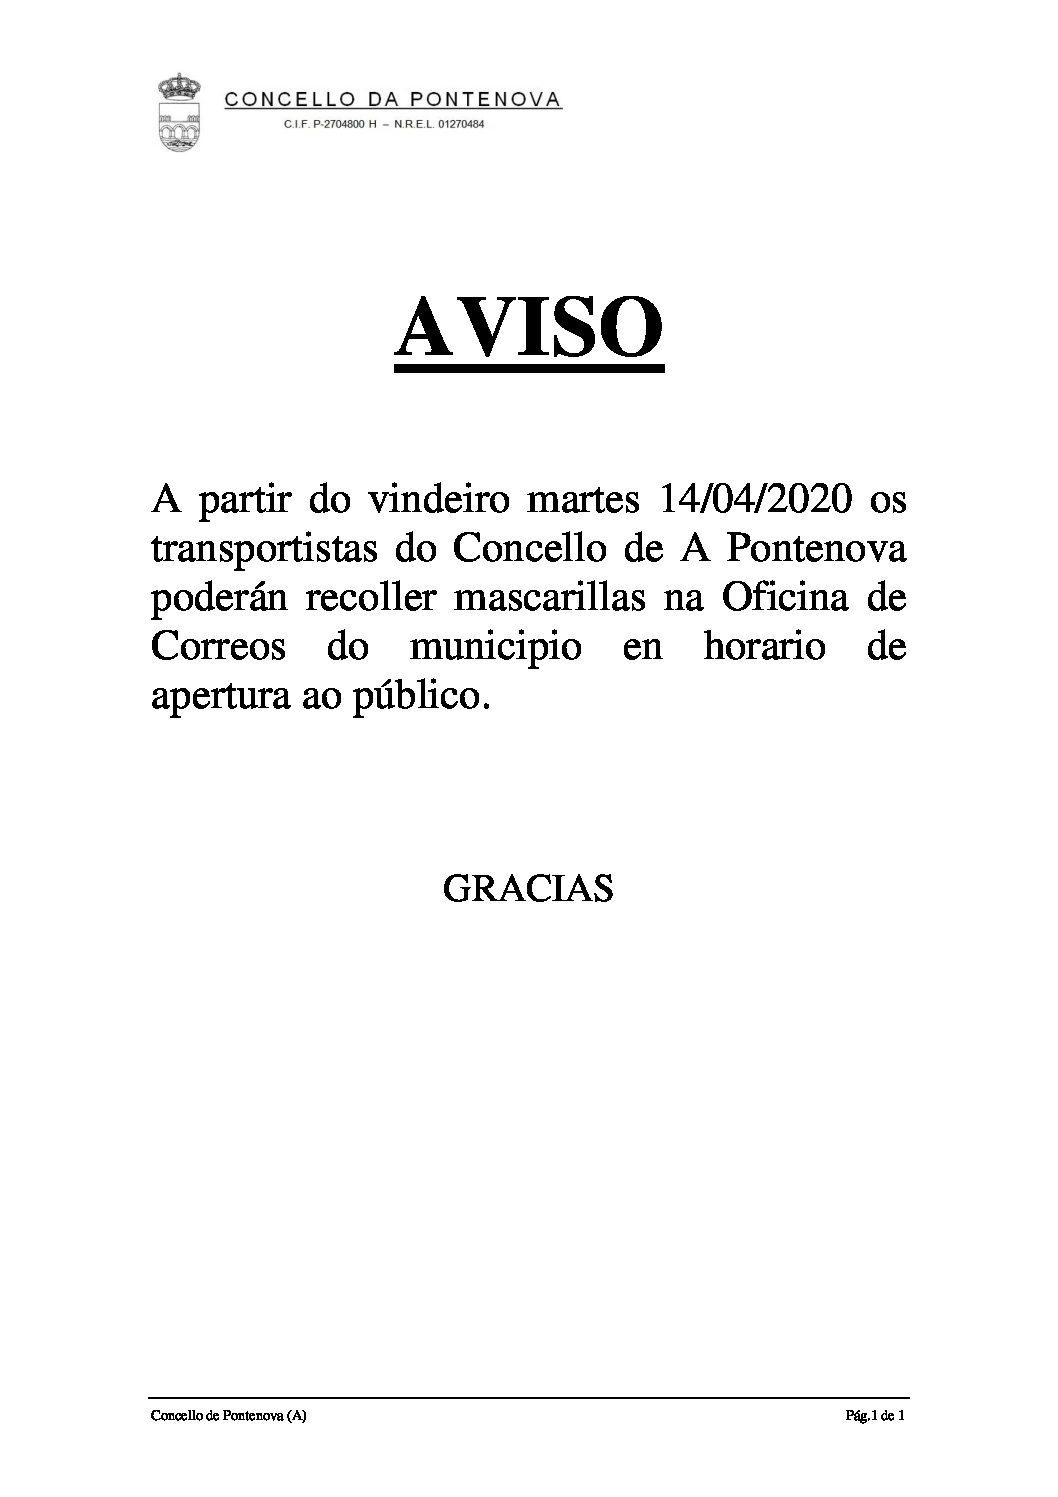 AVISO DE ENTREGA DE MASCARILLAS A TRANSPORTISTAS